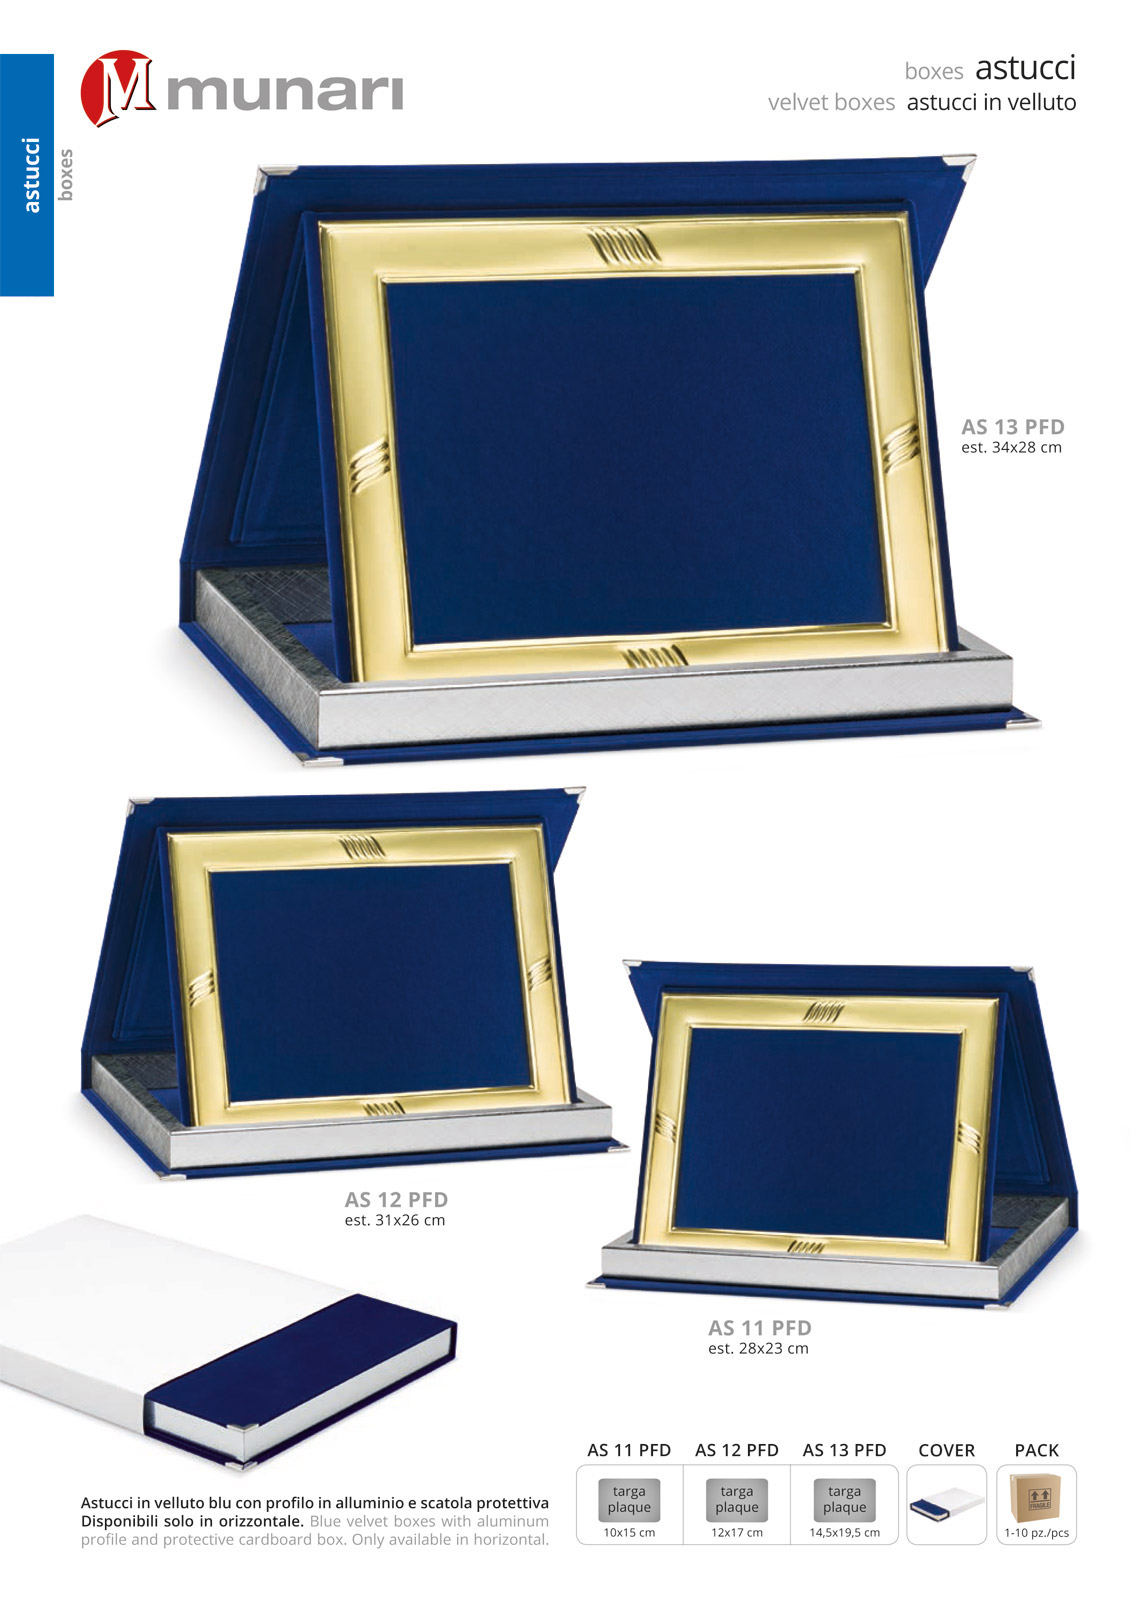 Astucci in velluto blu e profilo per targhe serie AS 10PFD